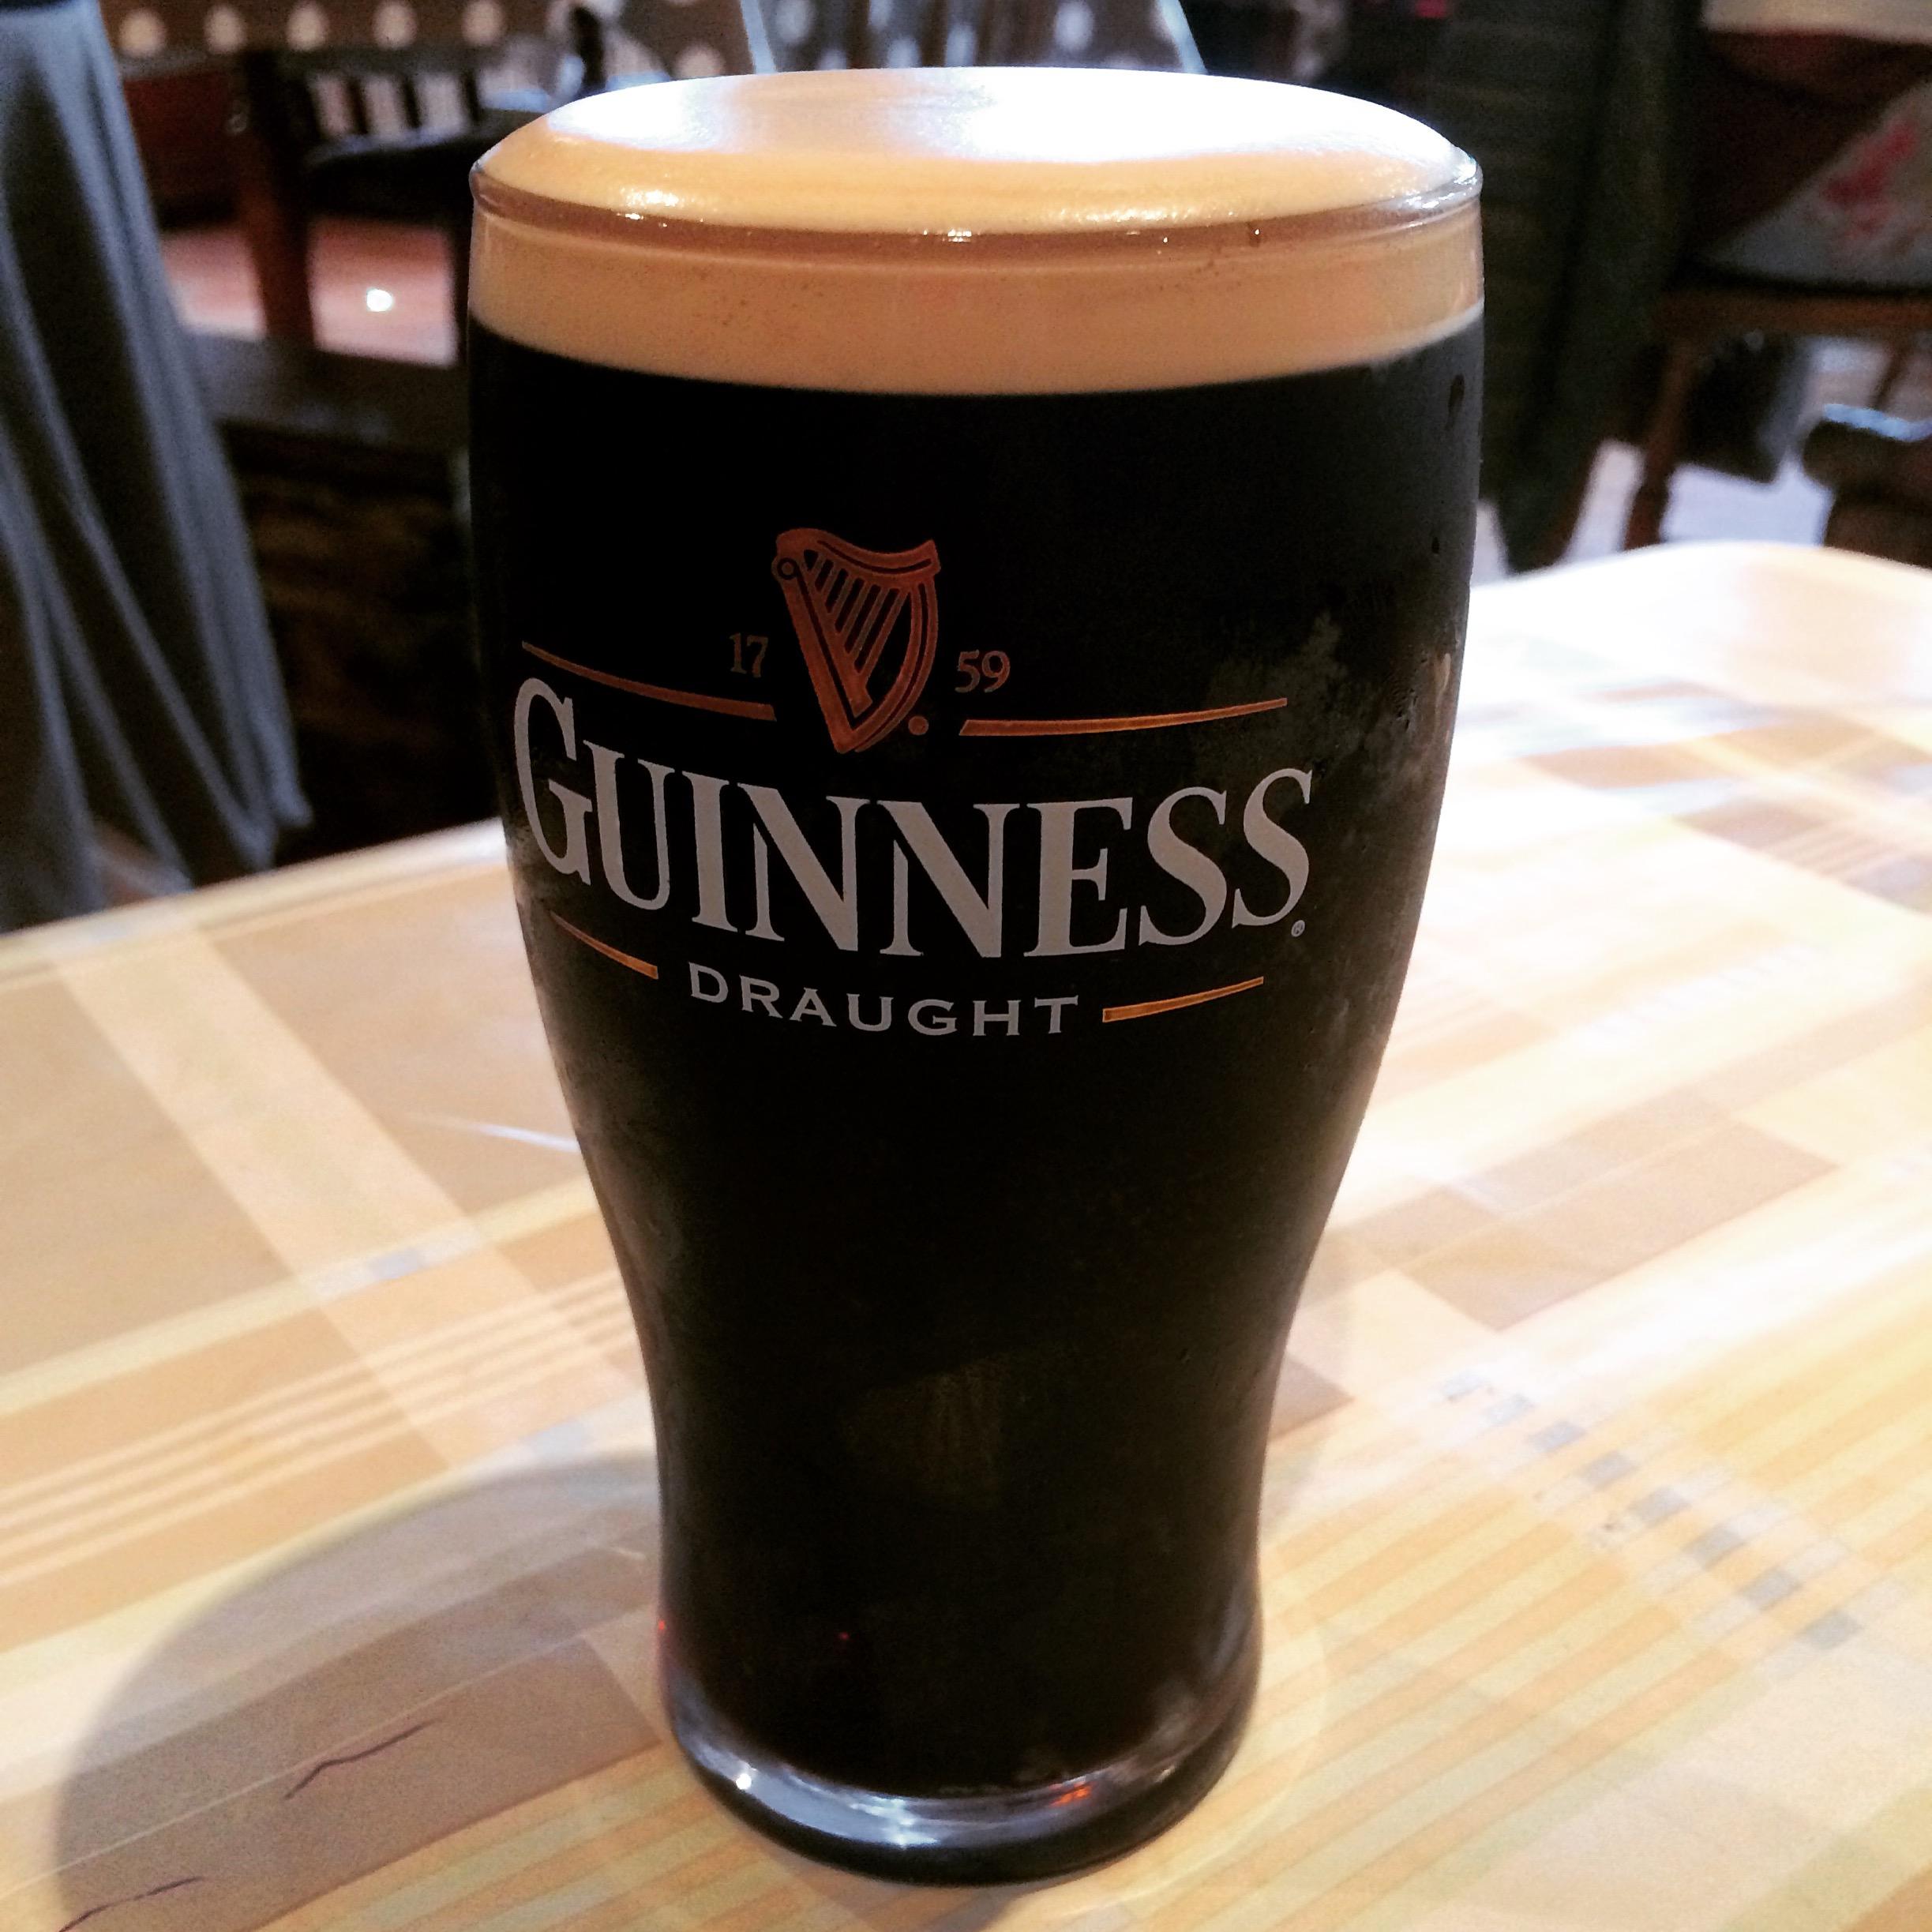 Guinness beer in Ireland